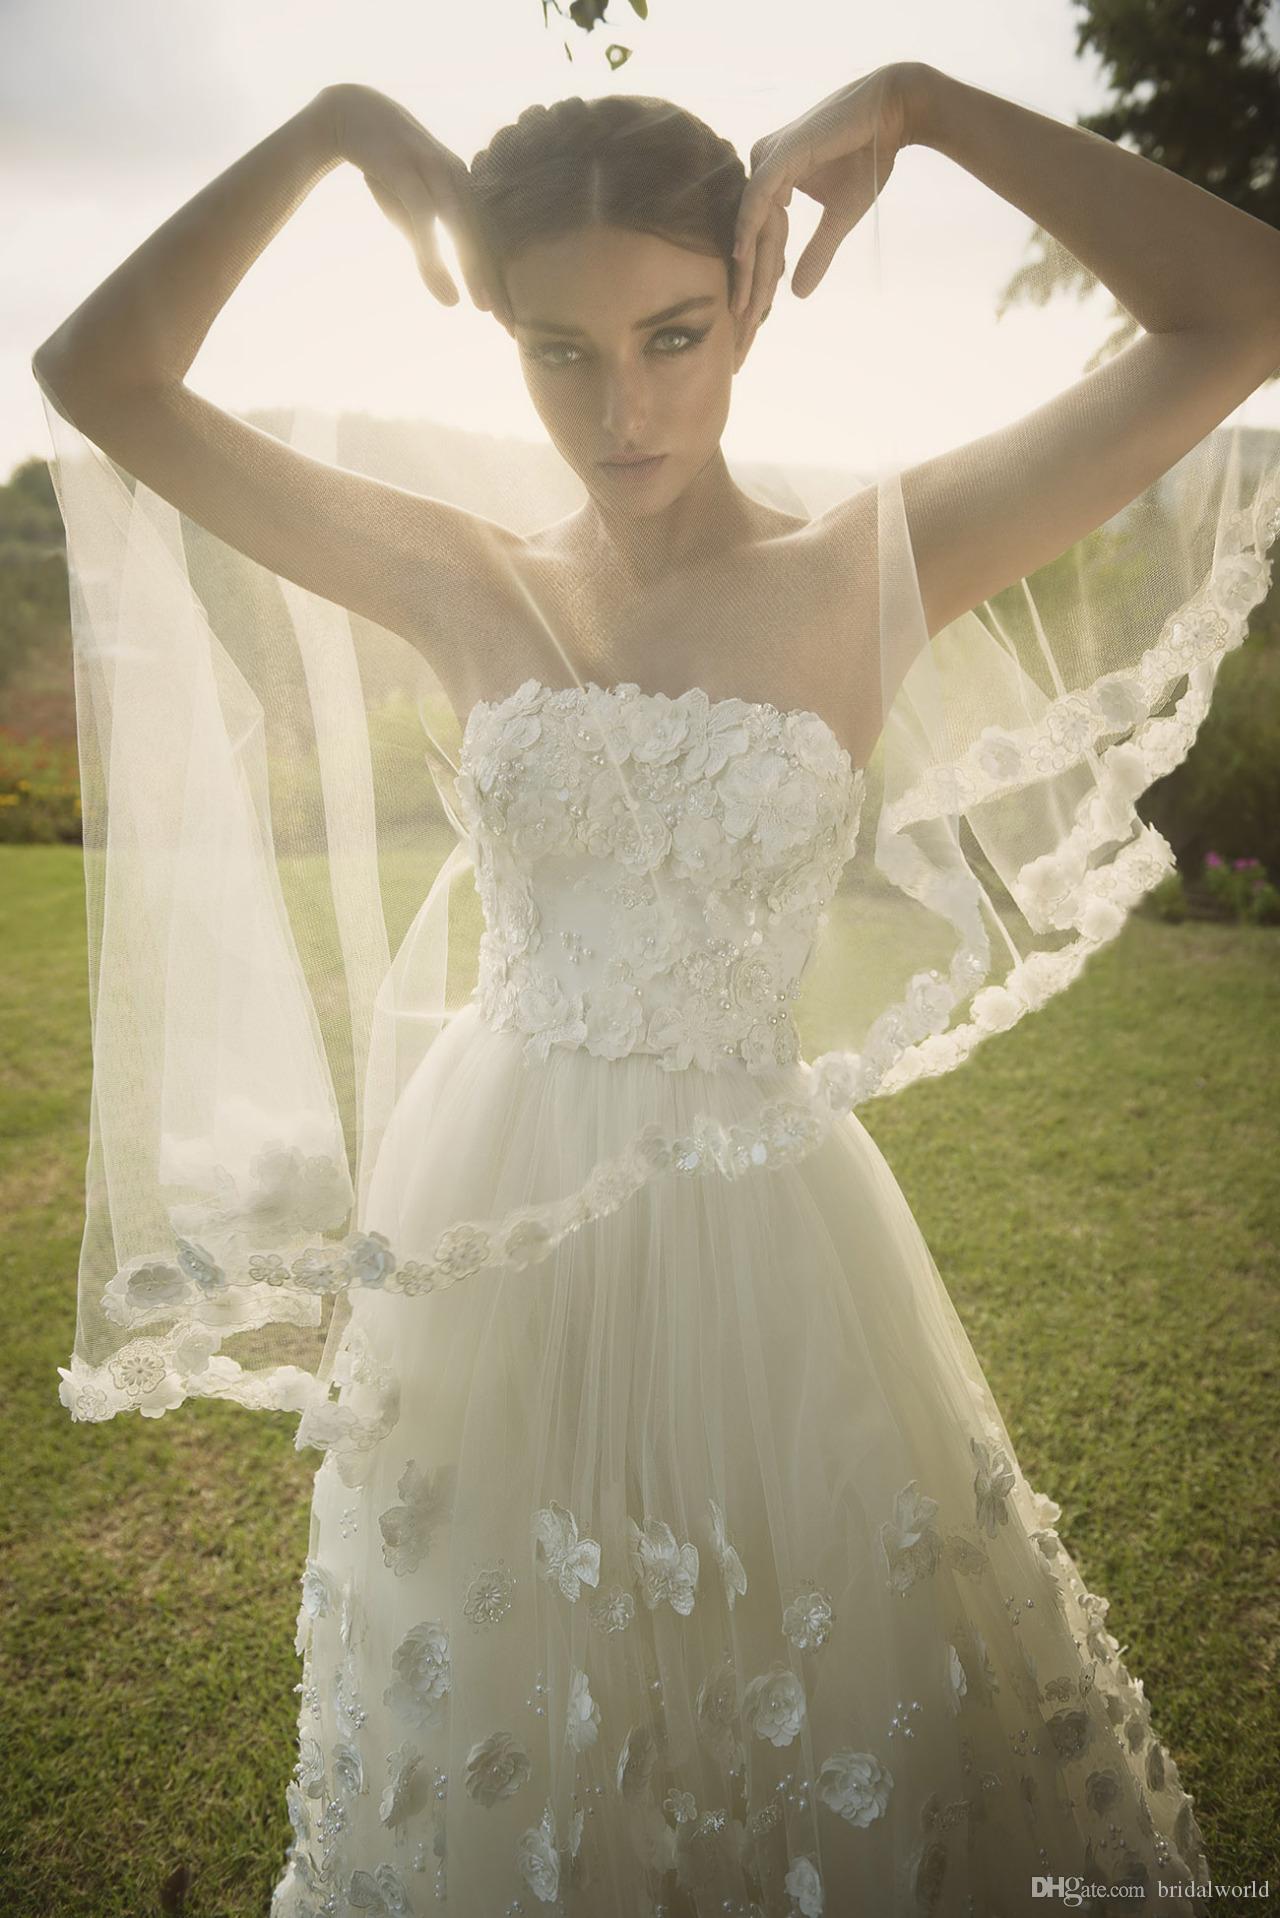 Prinzessin Brautkleider A-Linie Tiered Röcke Kathedrale Zug Vintage Hochzeit Zipper Zurück 3D-Floral Applique Perlen Perlen Brautkleid